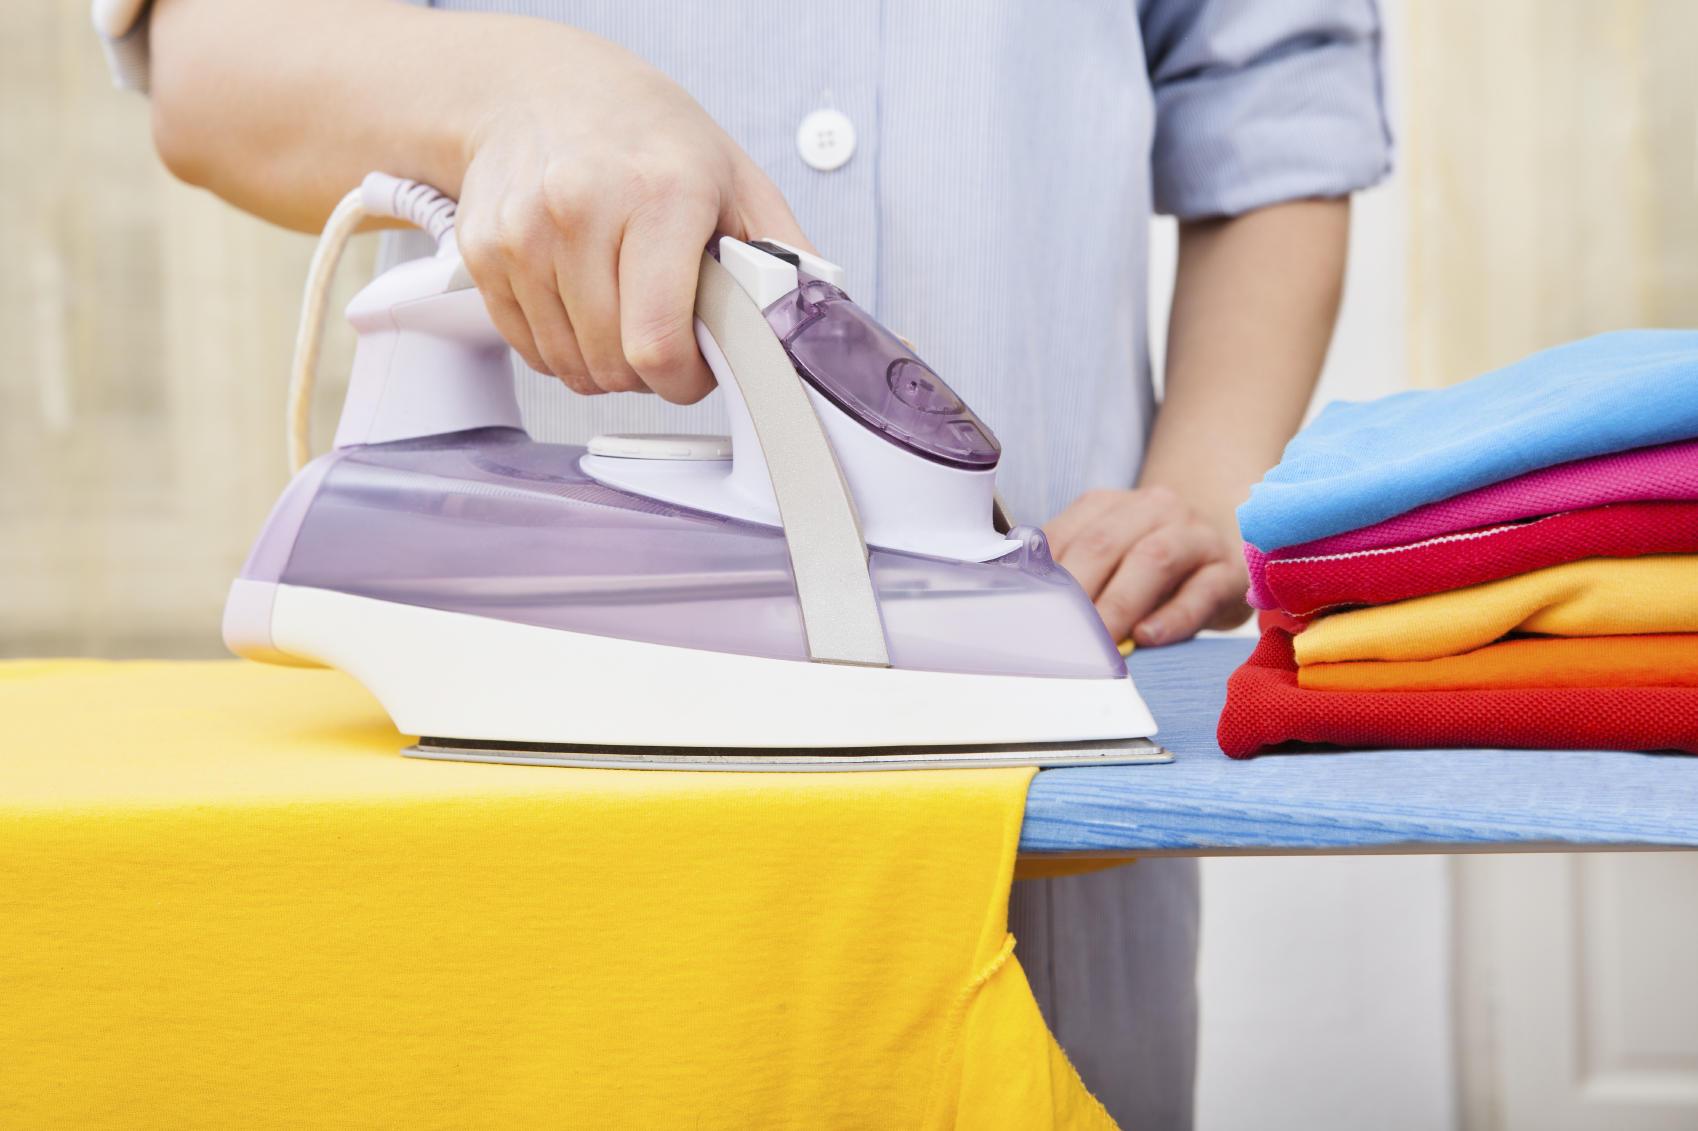 Bí kíp bỏ túi đánh bay lông xù trên vải áo thun